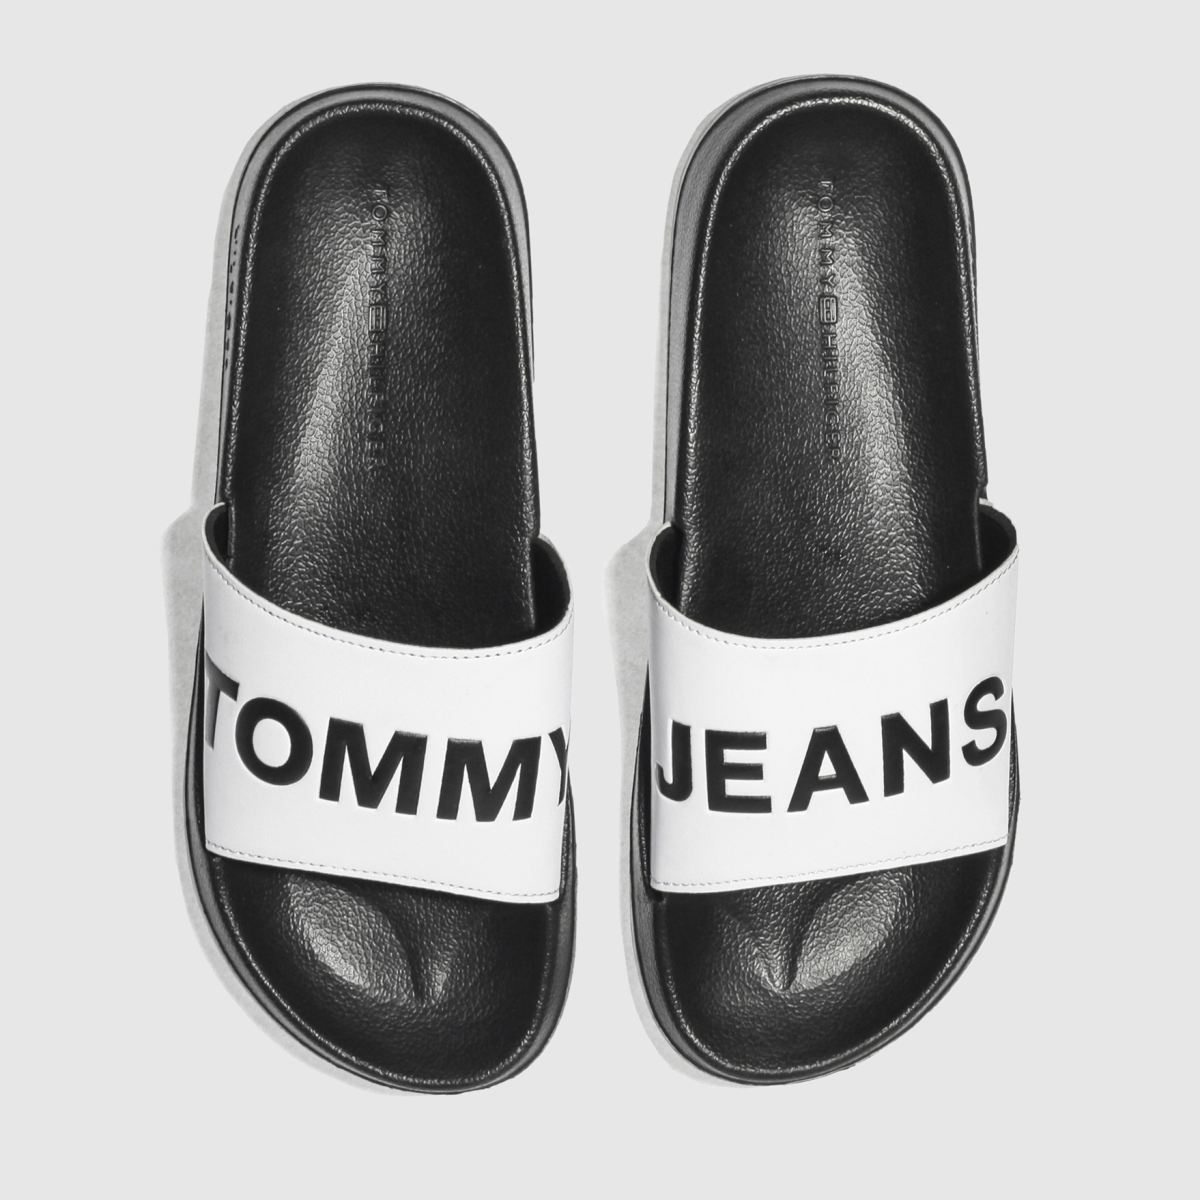 Tommy Hilfiger Tommy Hilfiger Black & White Tj Slide Sandals